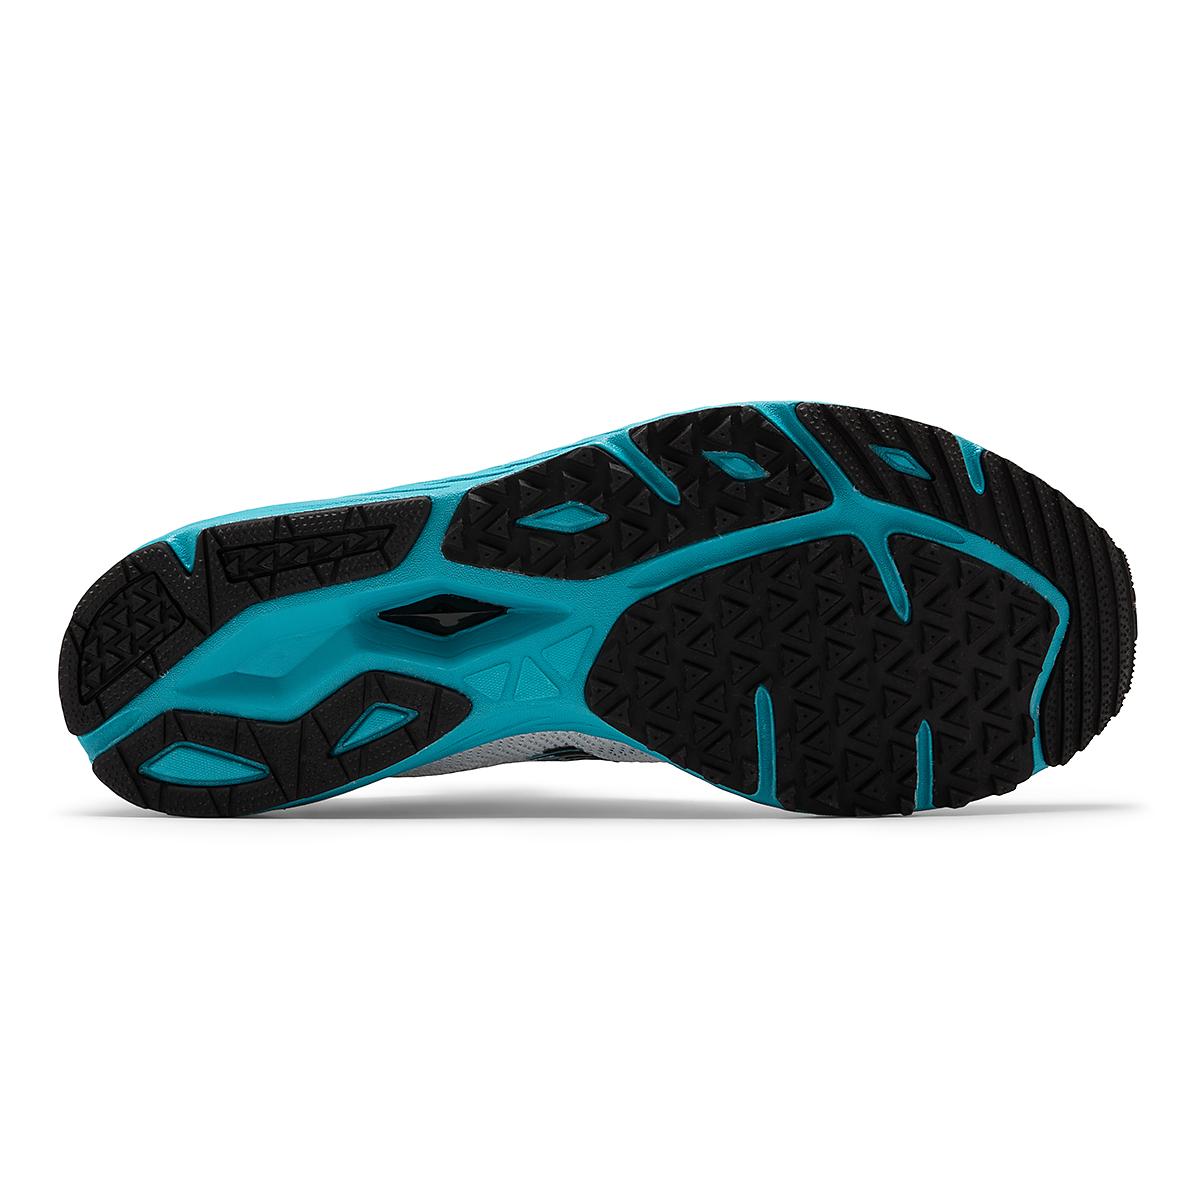 Women's New Balance 1400v6 Running Shoe, , large, image 5